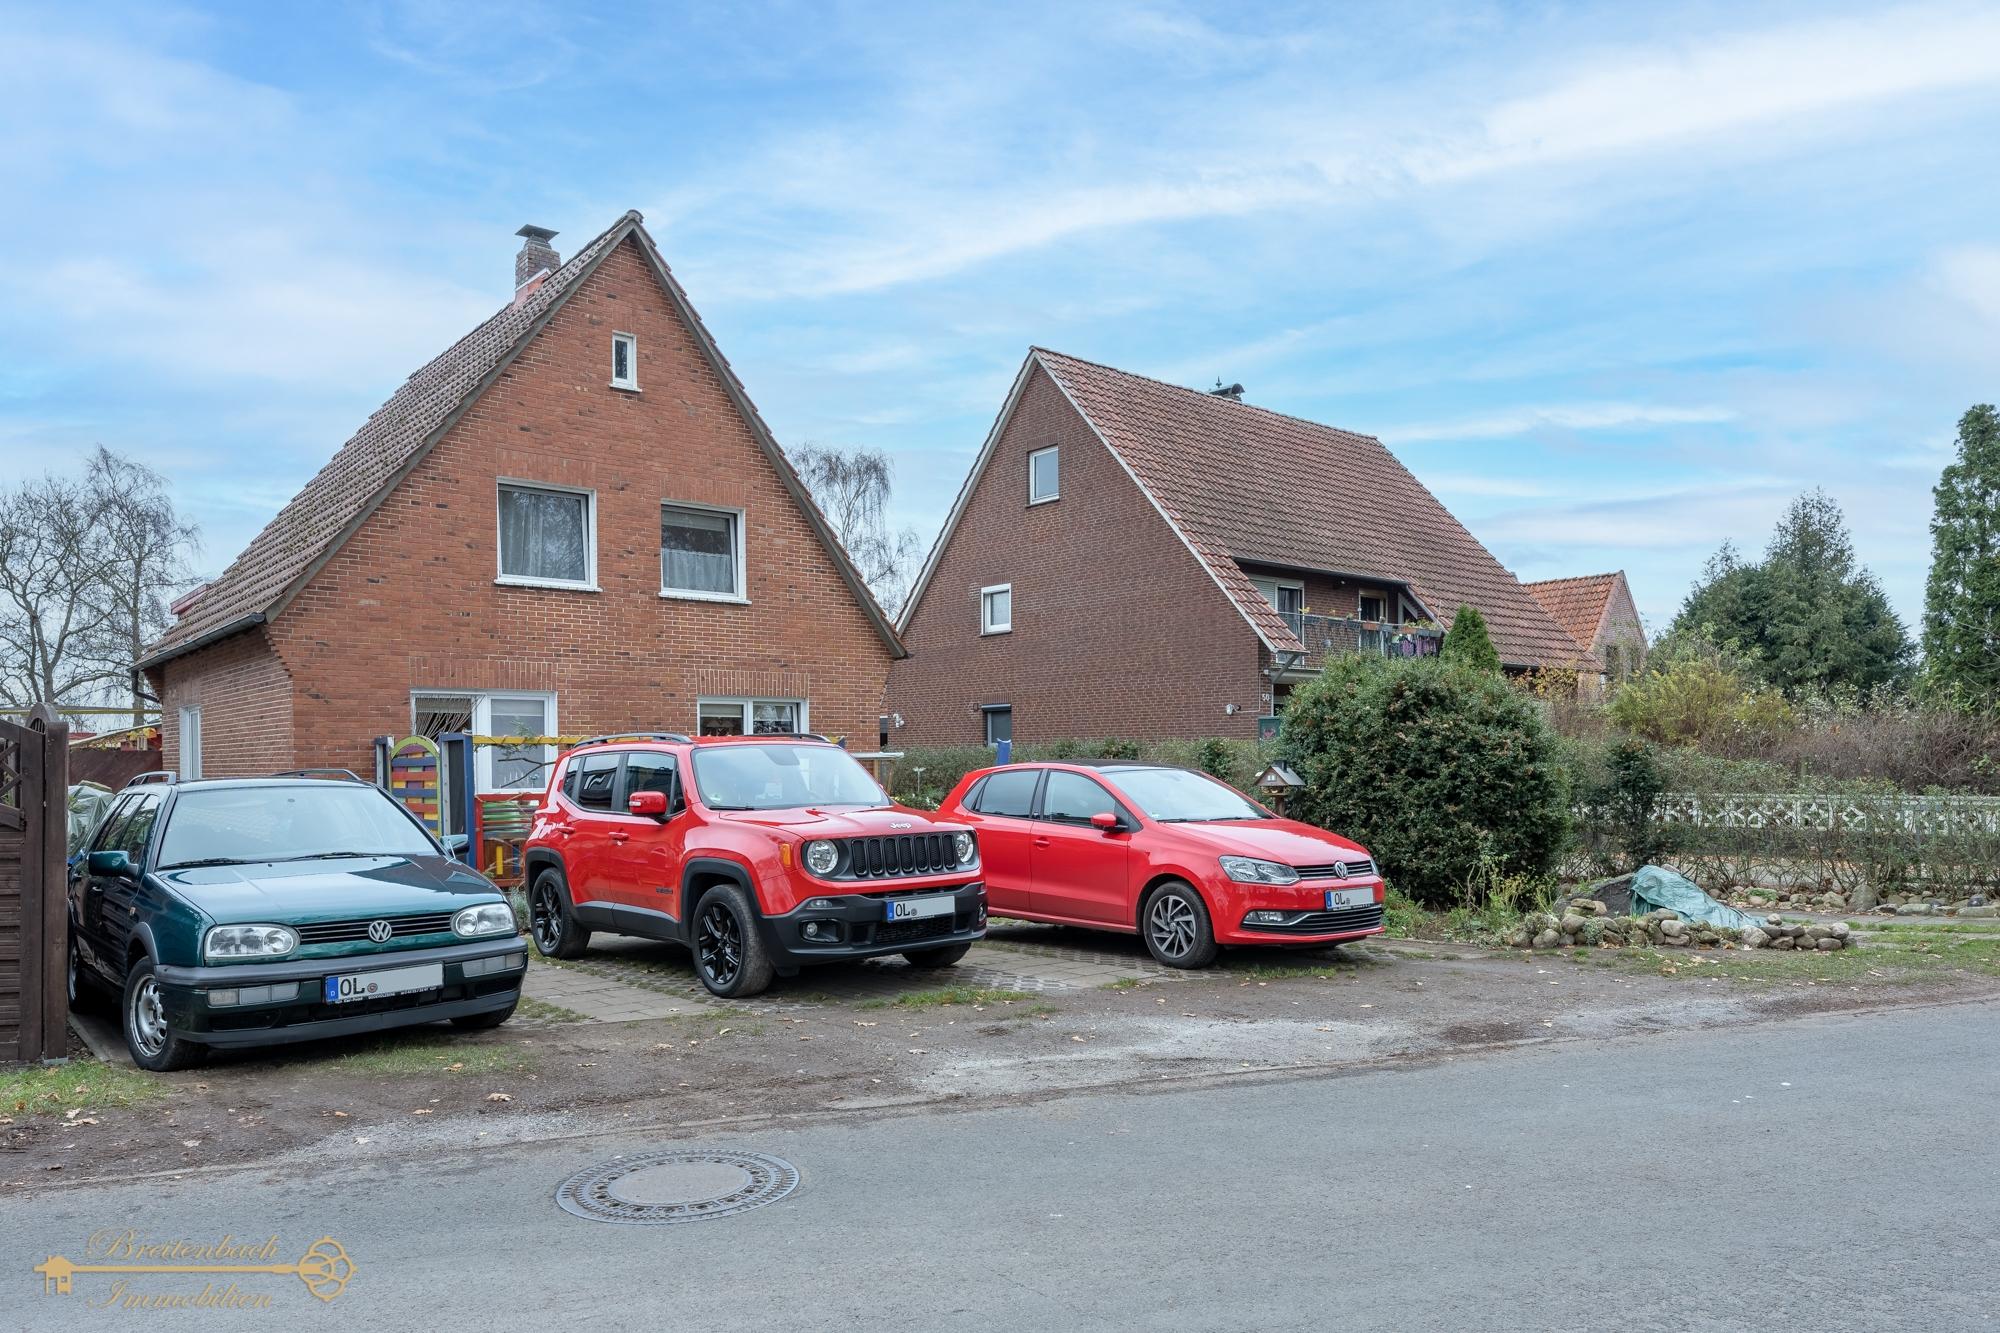 2020-11-29-Breitenbach-Immobilien-2